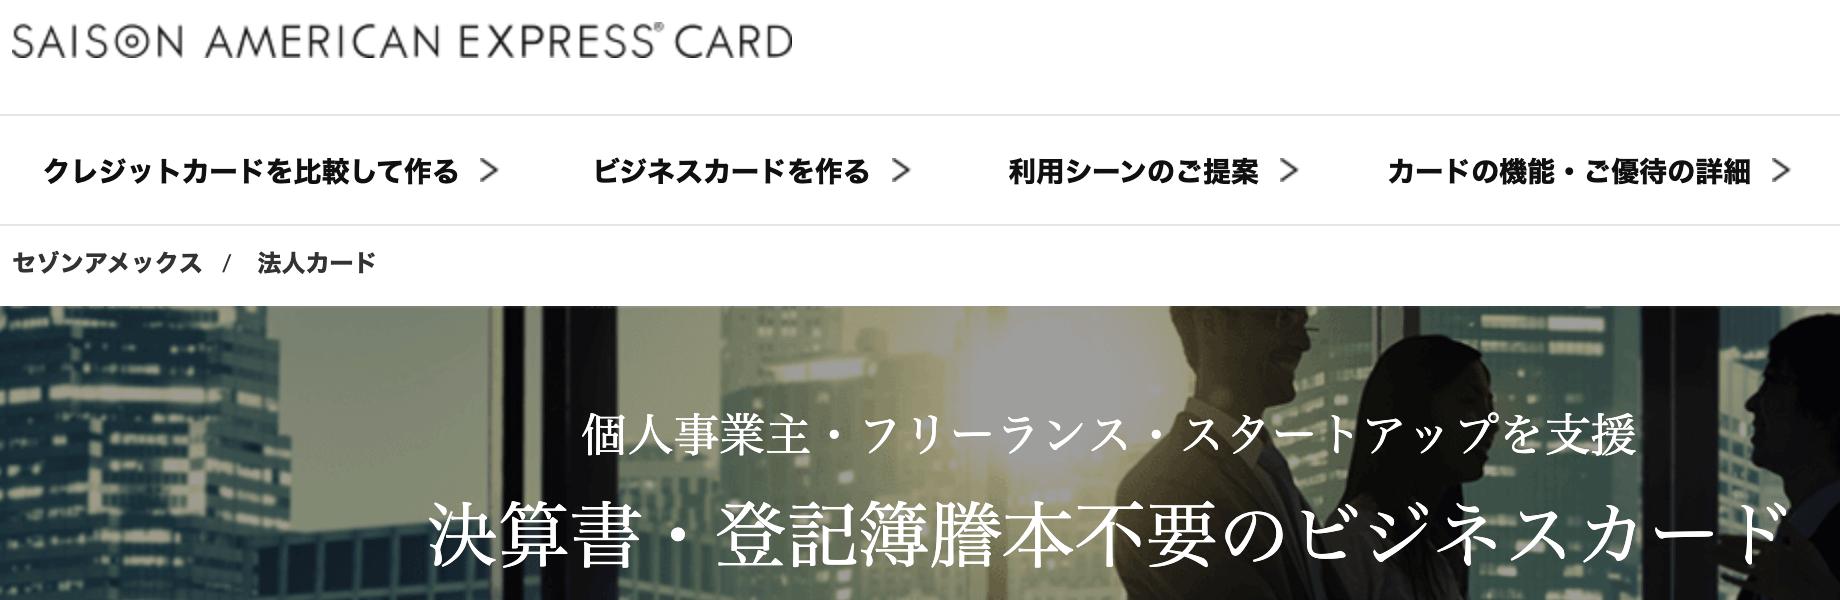 セゾン・アメリカン・エキスプレスカードの法人カードの特徴